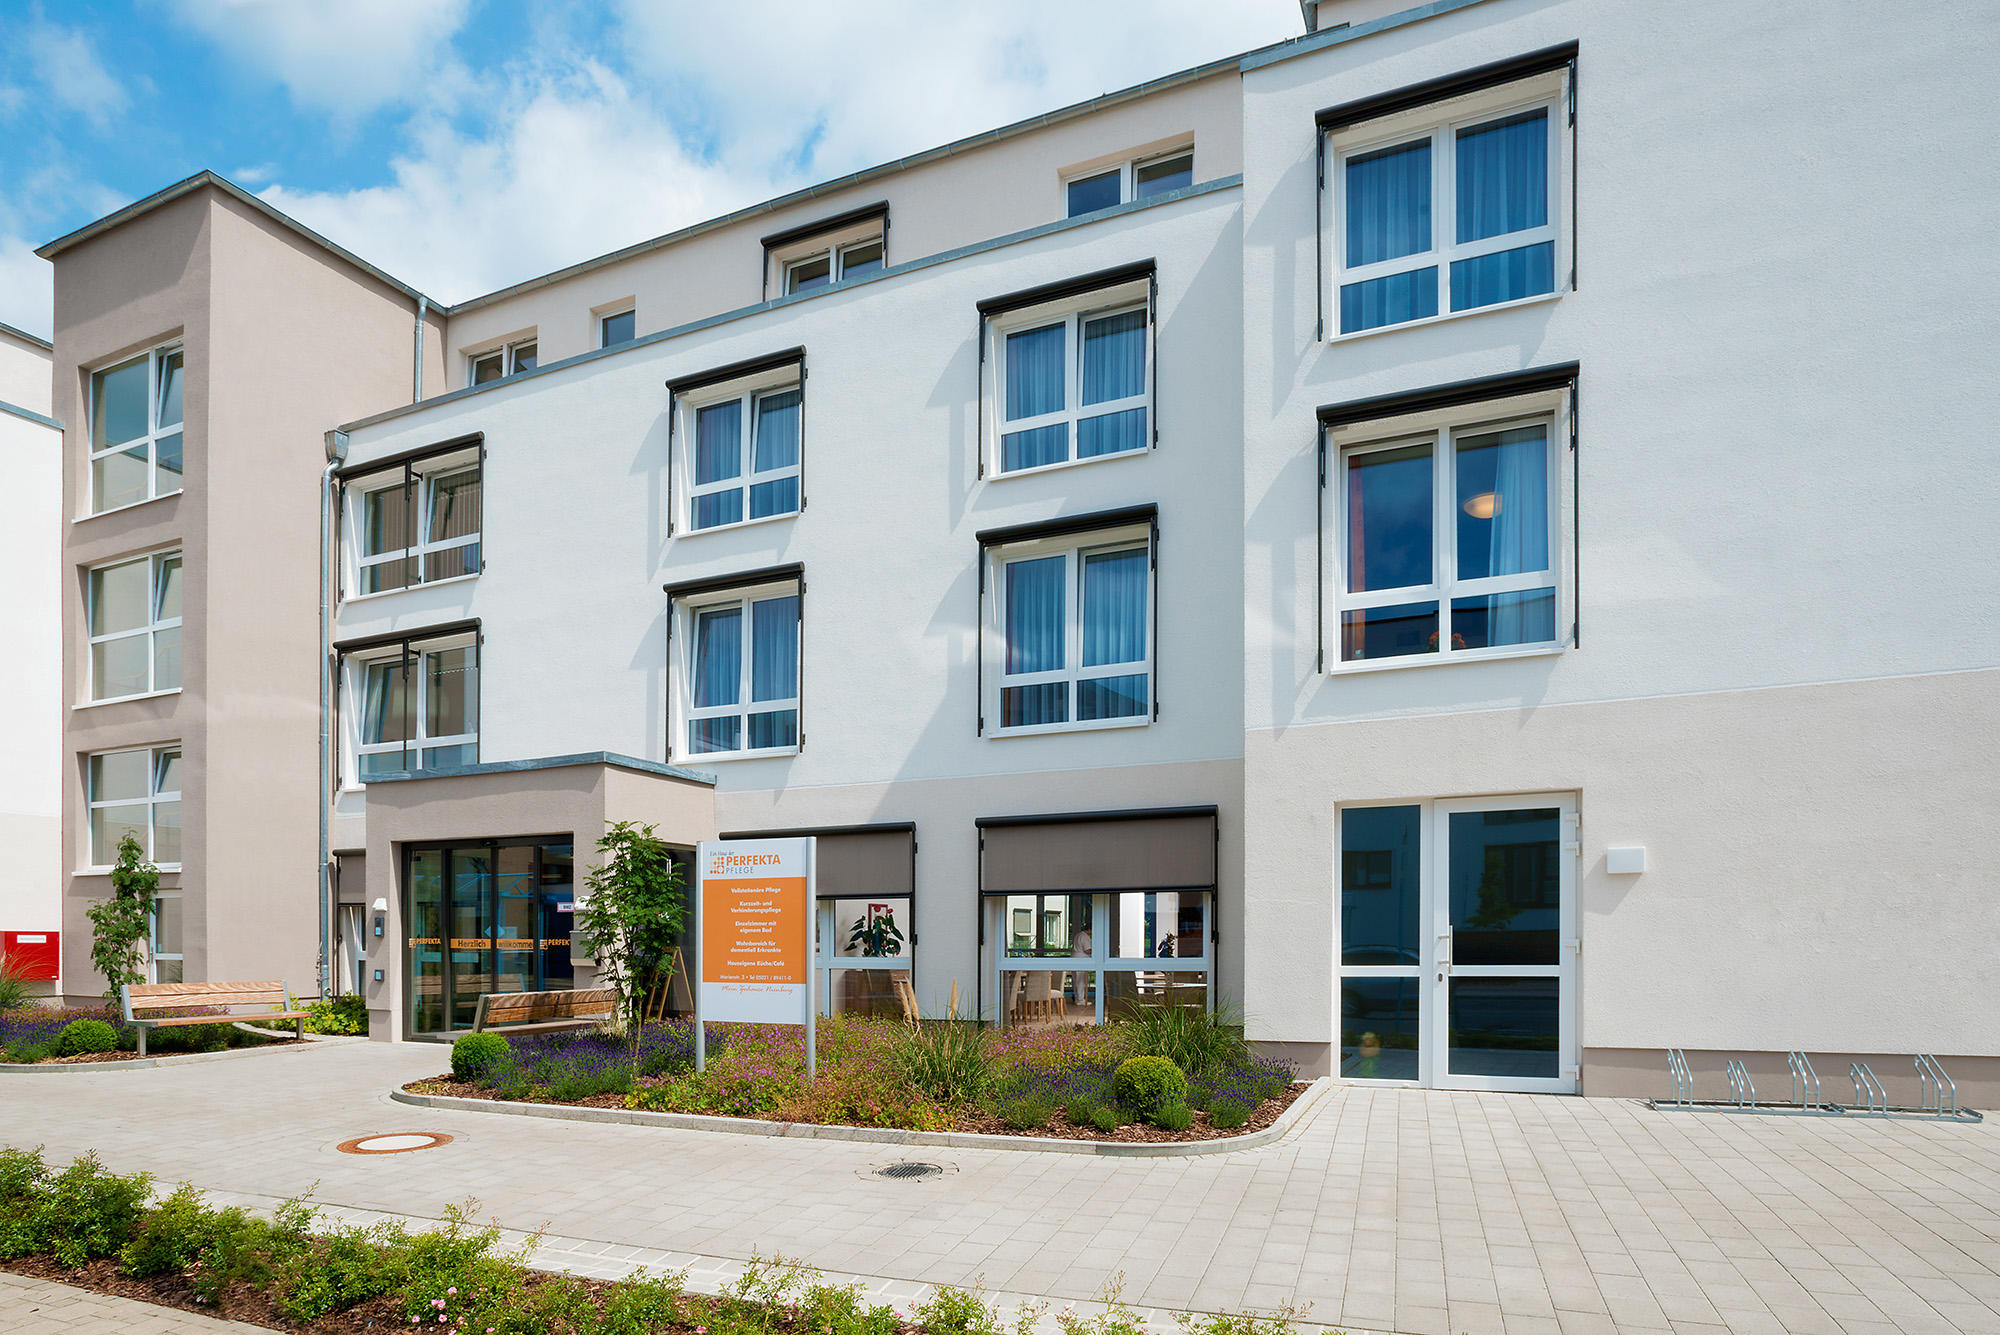 Perfekta Pflege - Mein Zuhause Nienburg